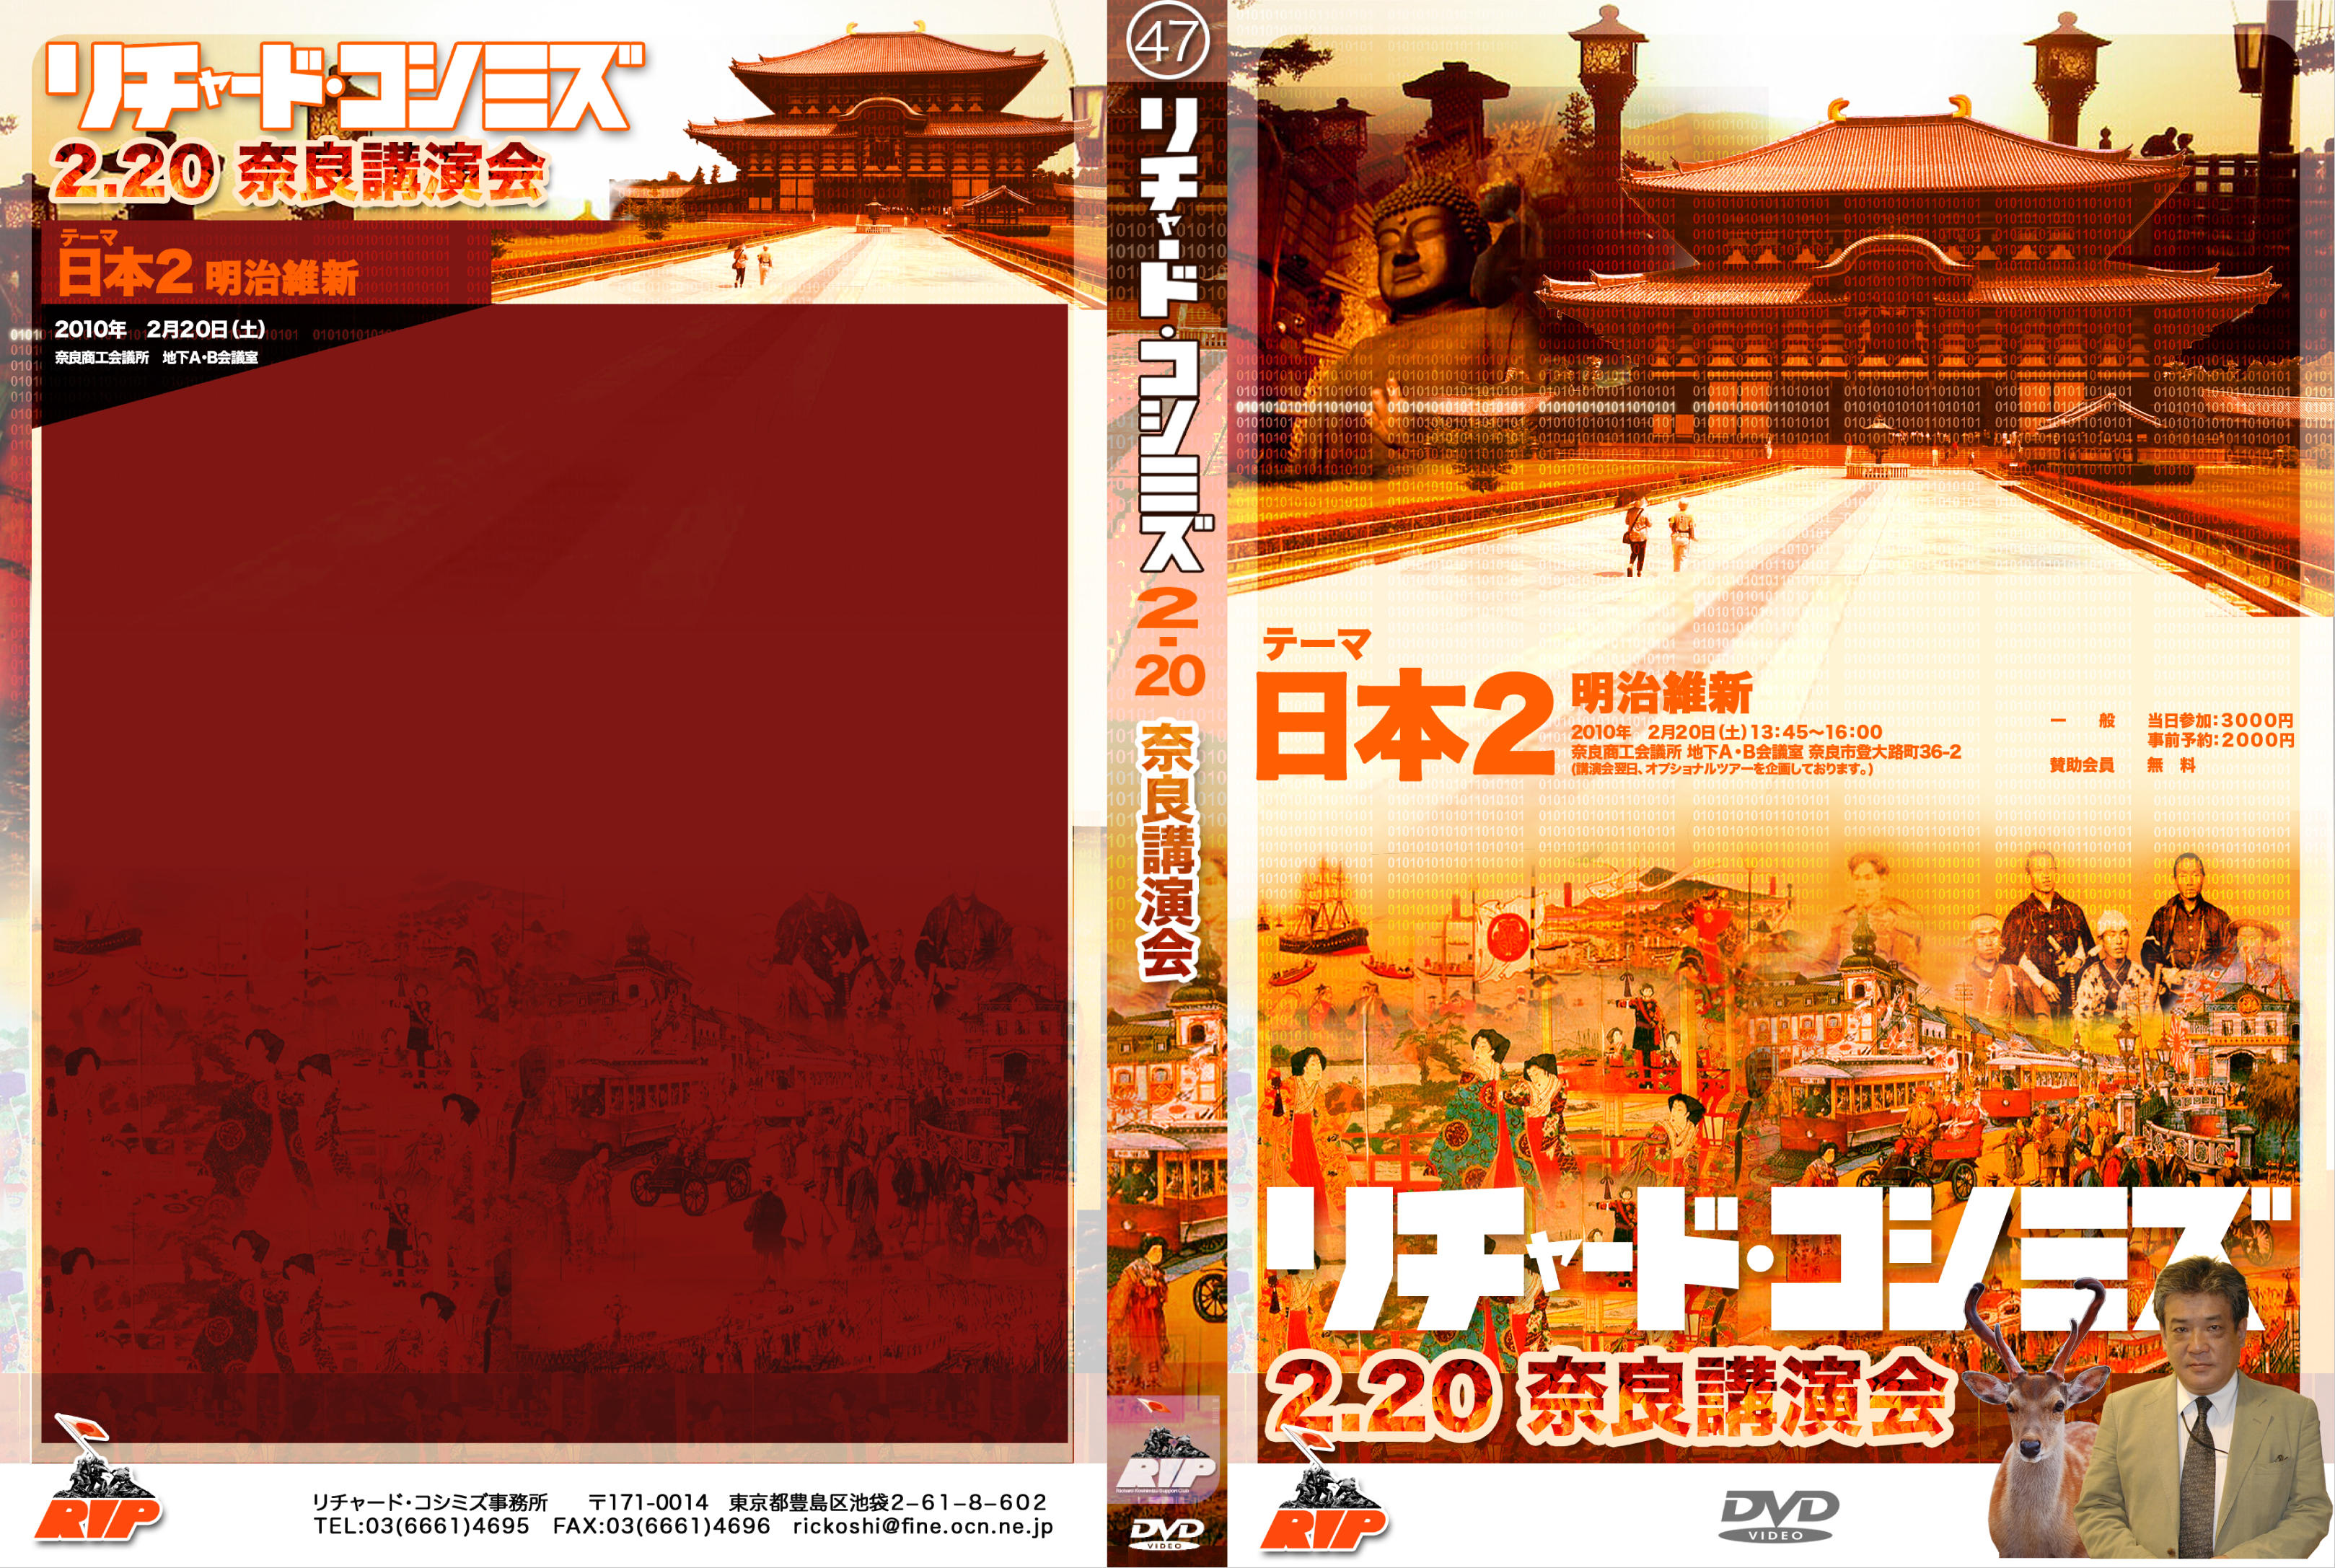 10.2.20奈良講演会「日本2」にご参加・ご視聴ありがとうございました。